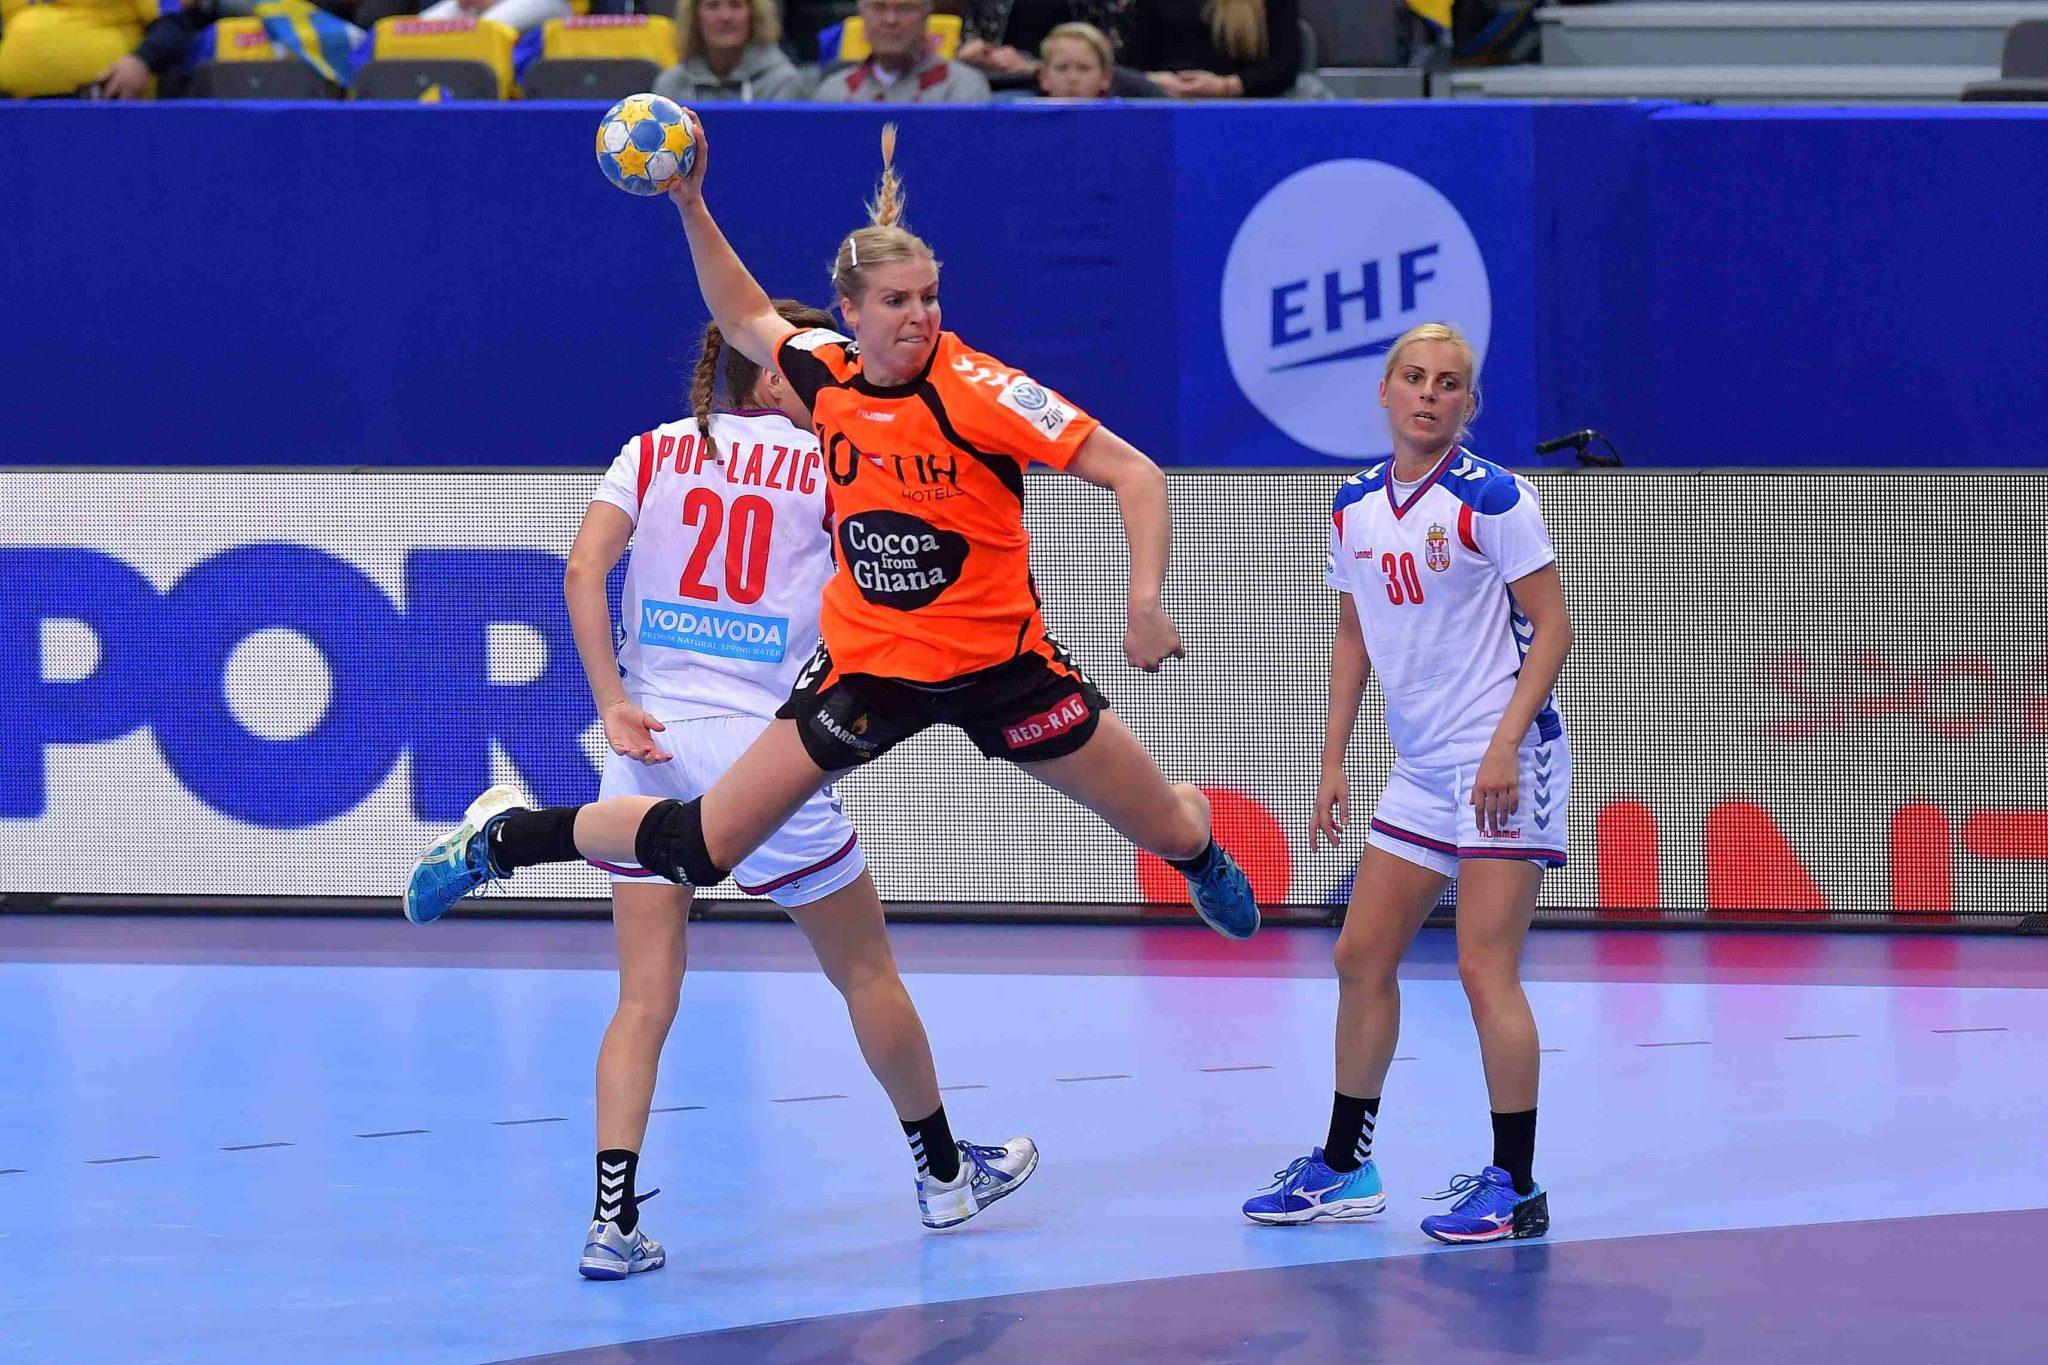 12-12-2016 HANDBAL:NEDERLAND-SERVIE:GOTEBORG Dames EK Handbal In Zweden, Hoofdgroep Nederland - Servie  Danick Snelder #10 (NED)  Foto: Henk Seppen